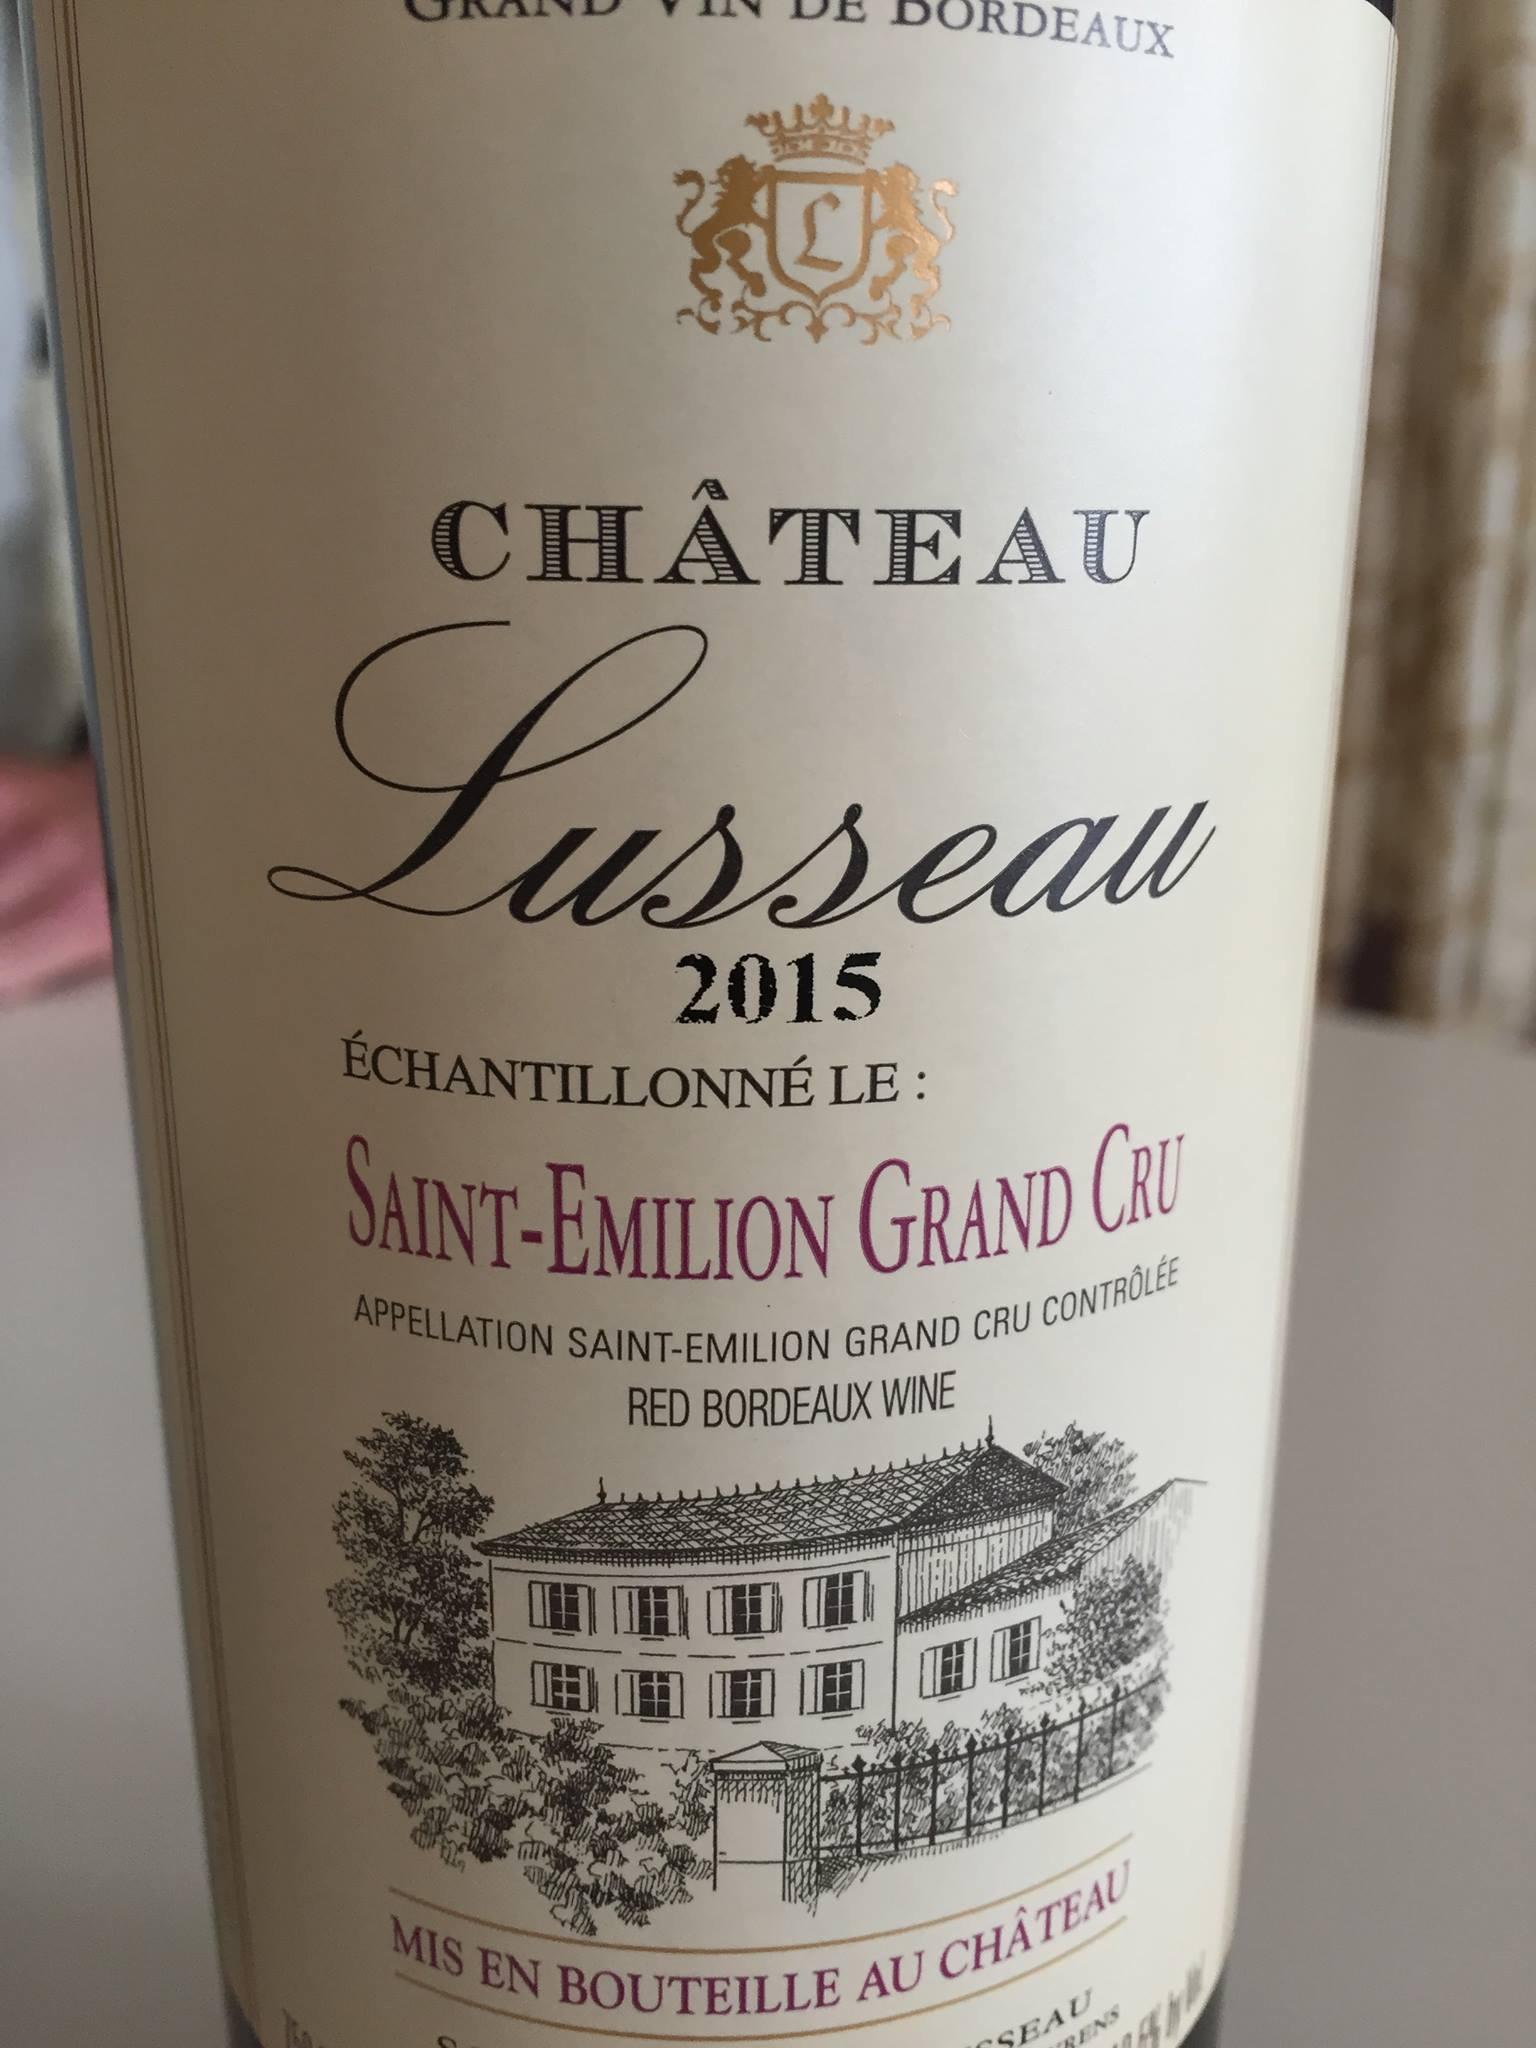 Château Lusseau 2015 – Saint-Emilion Grand Cru